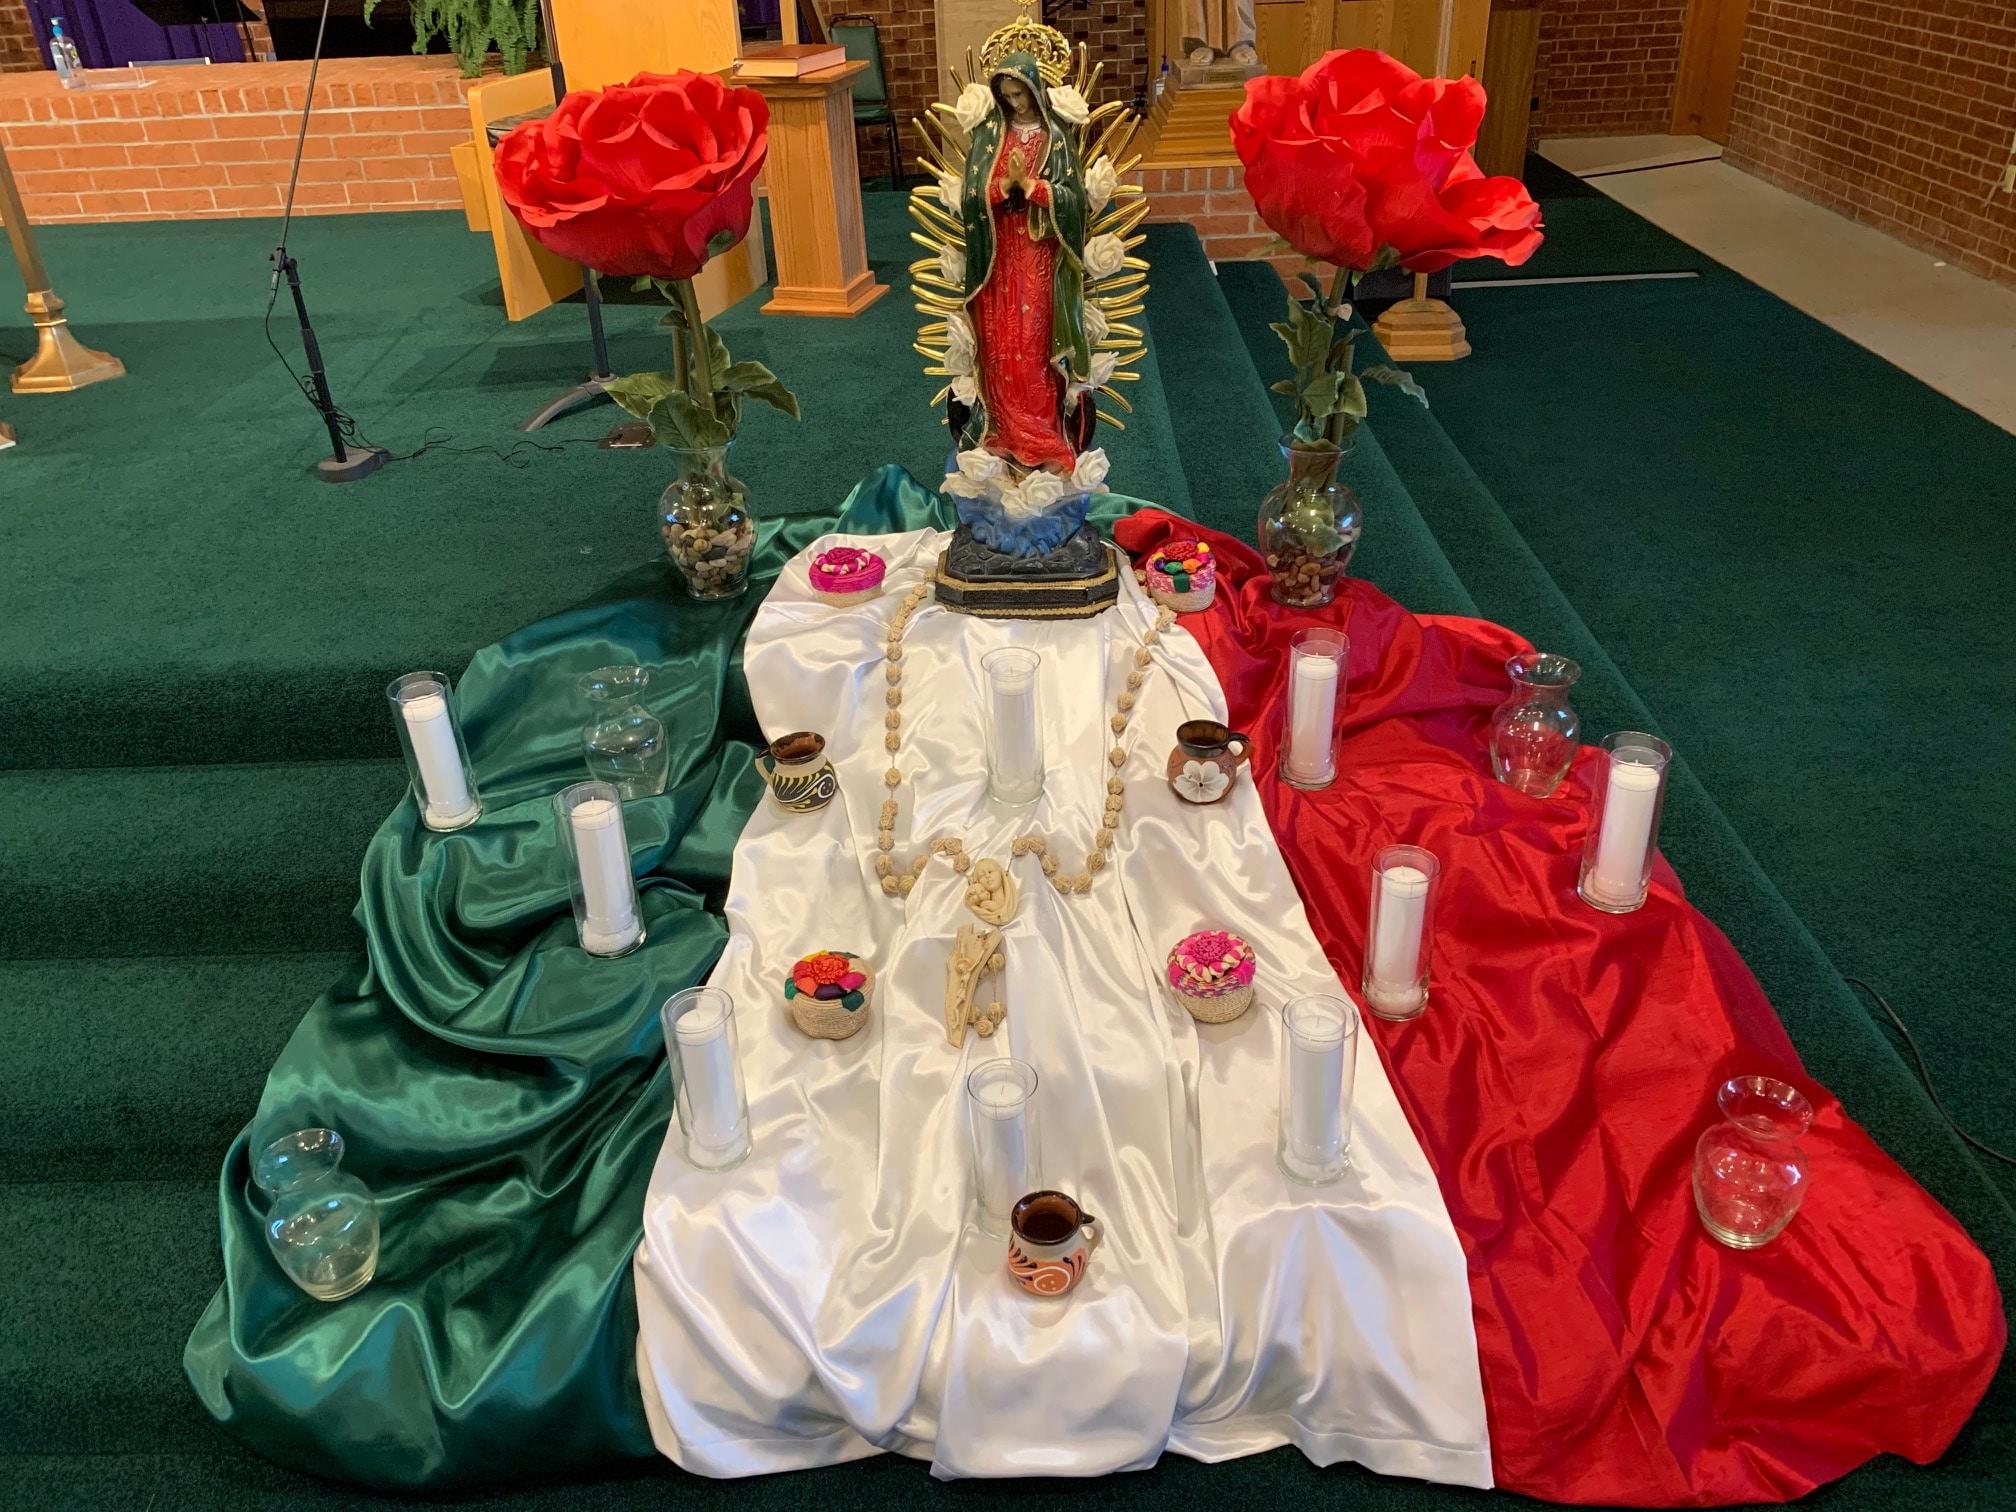 nuestra Señora la Virgen de Guadalupe